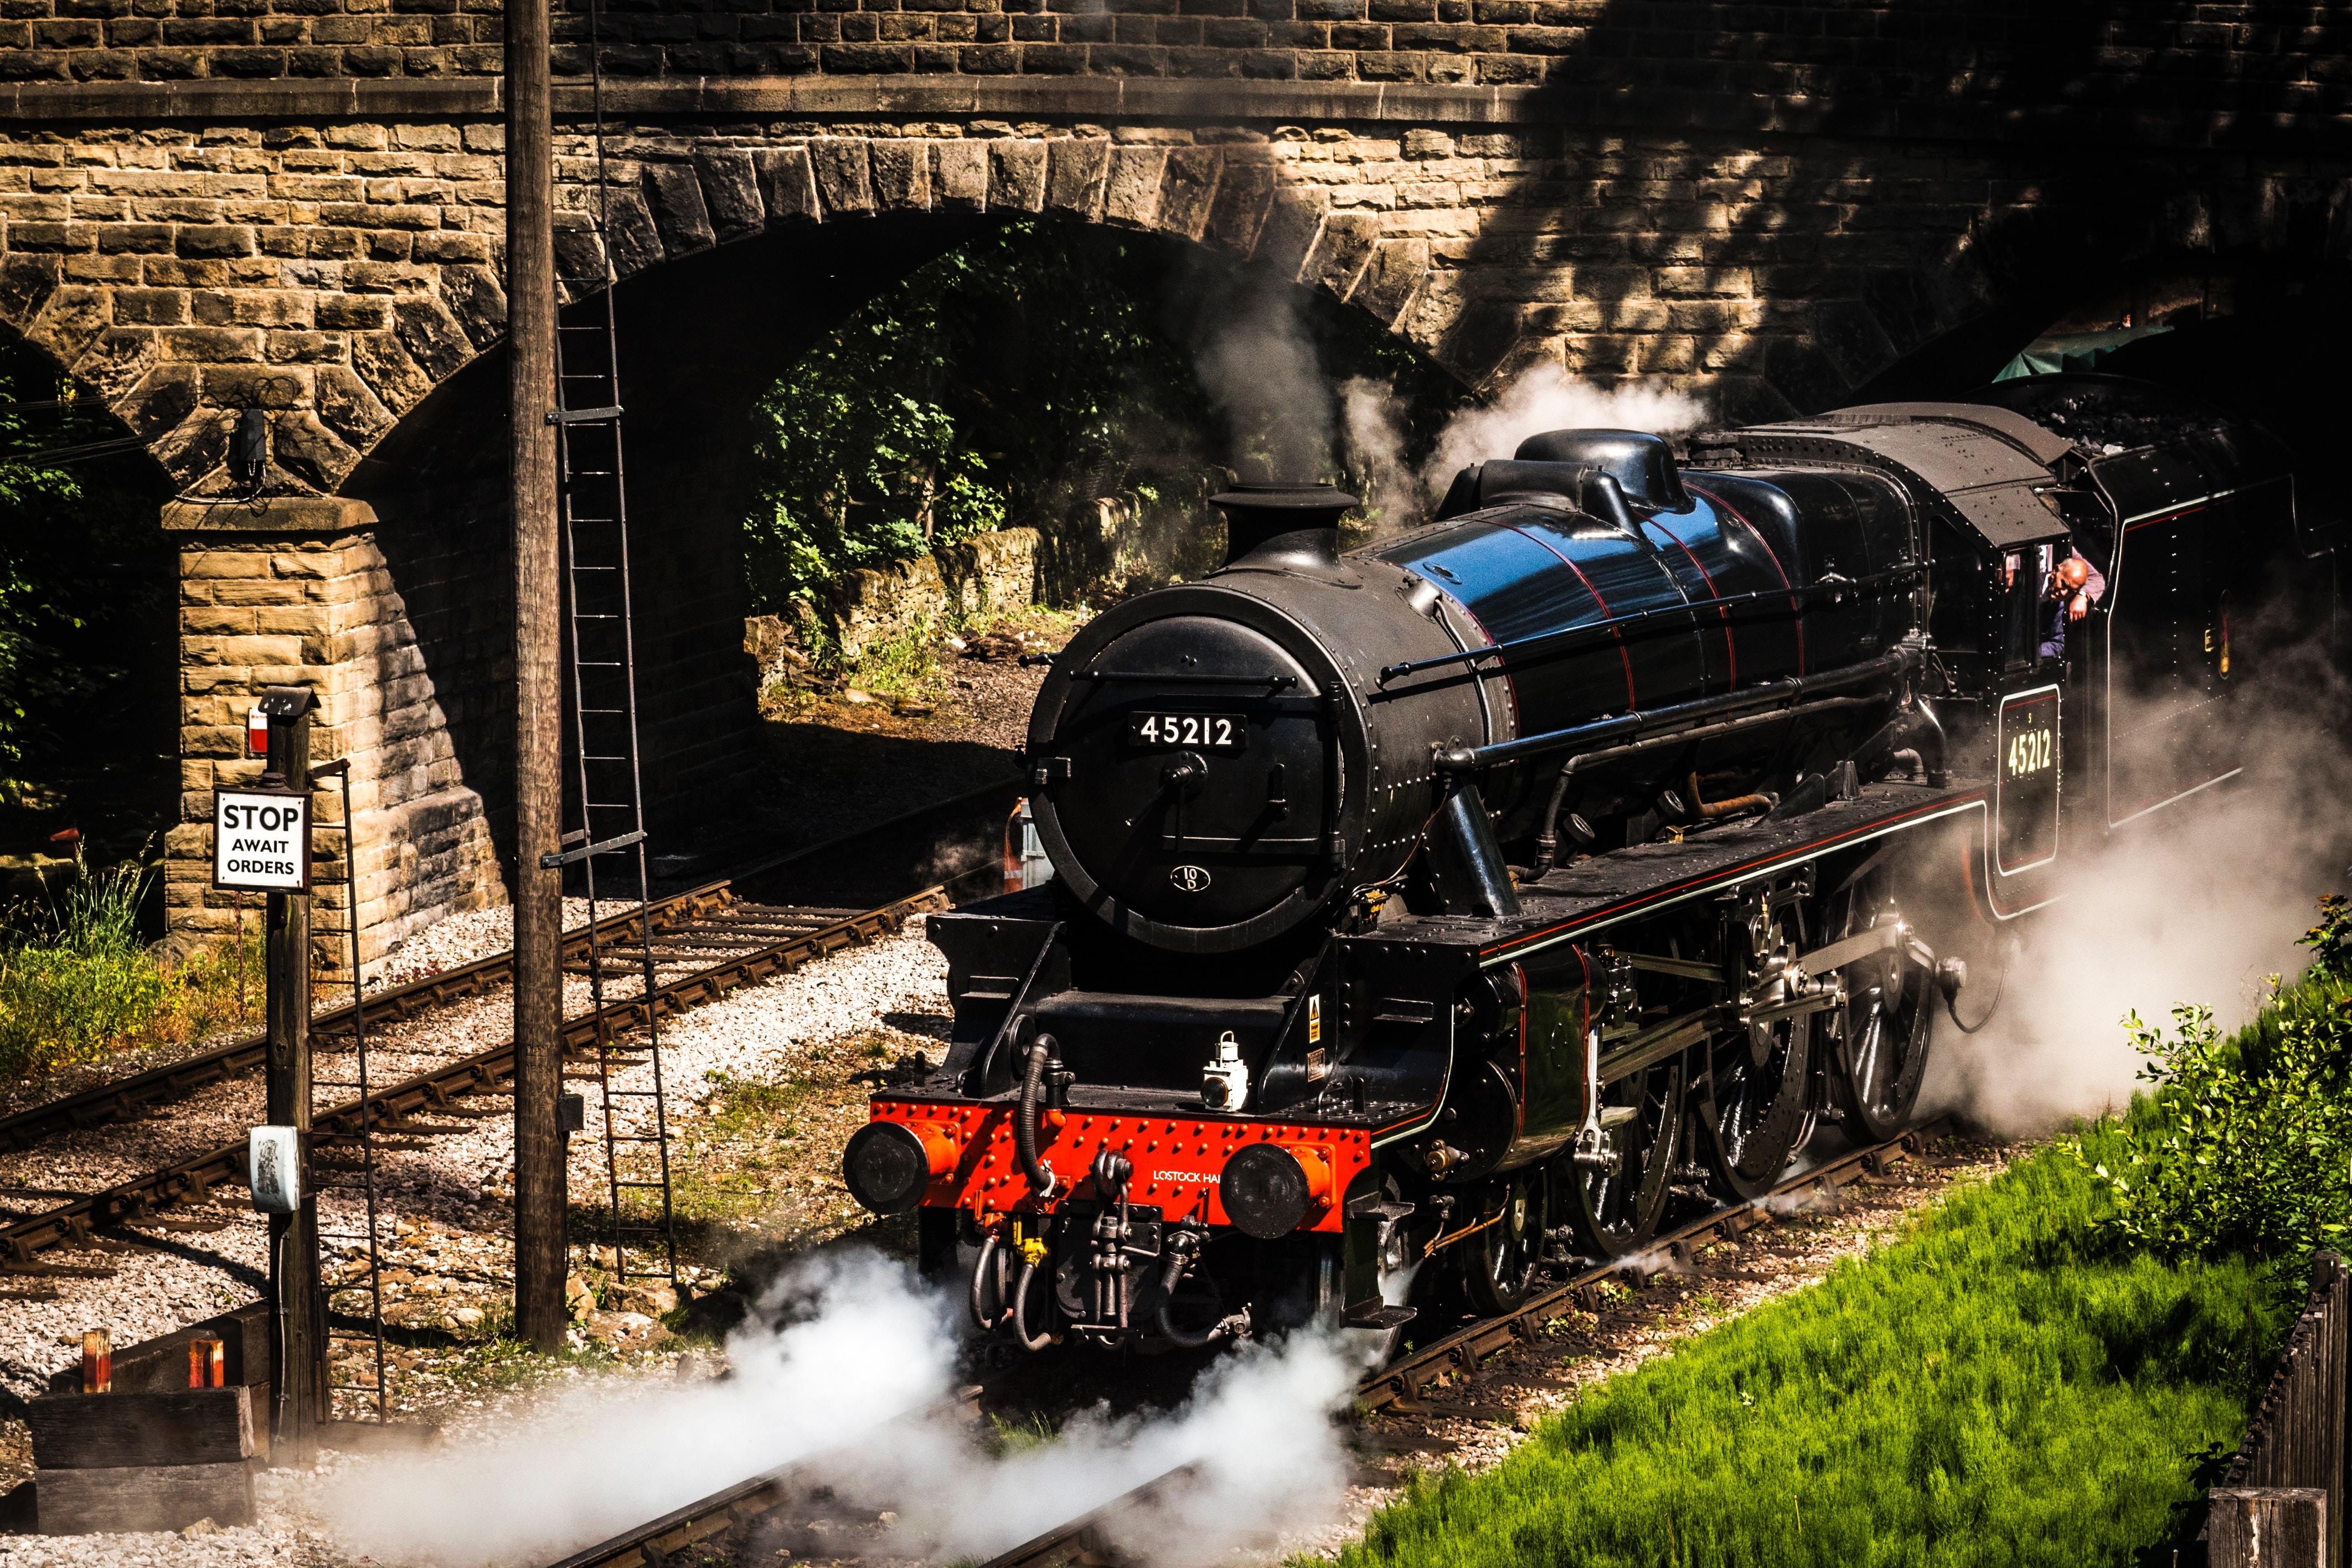 音で豊富な鉄道 鉄道が町に新たな音楽を生んでいる